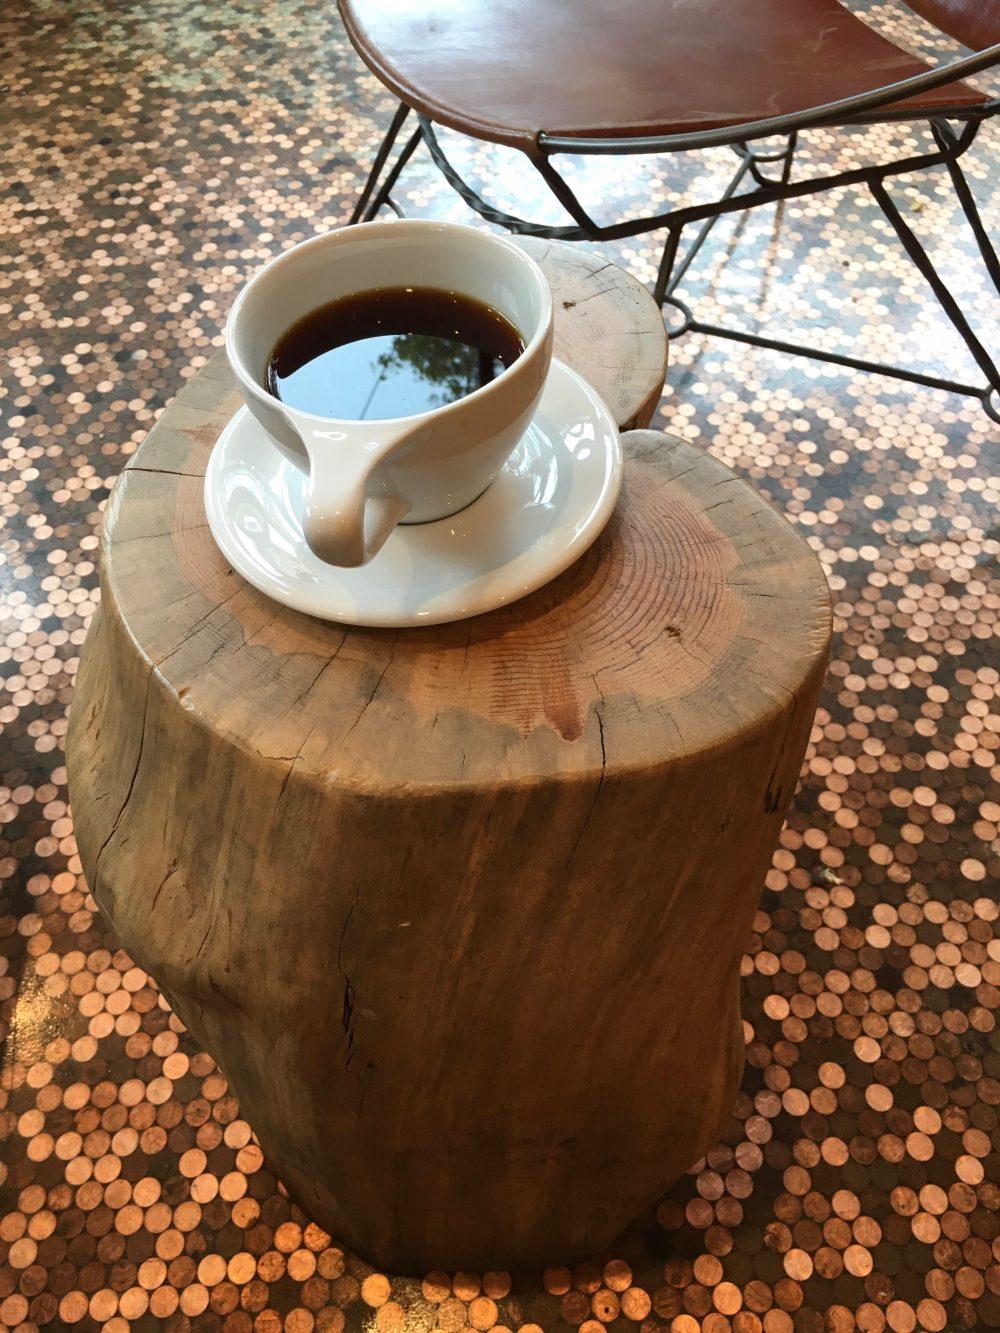 Temple Coffee. Sacramento, California.